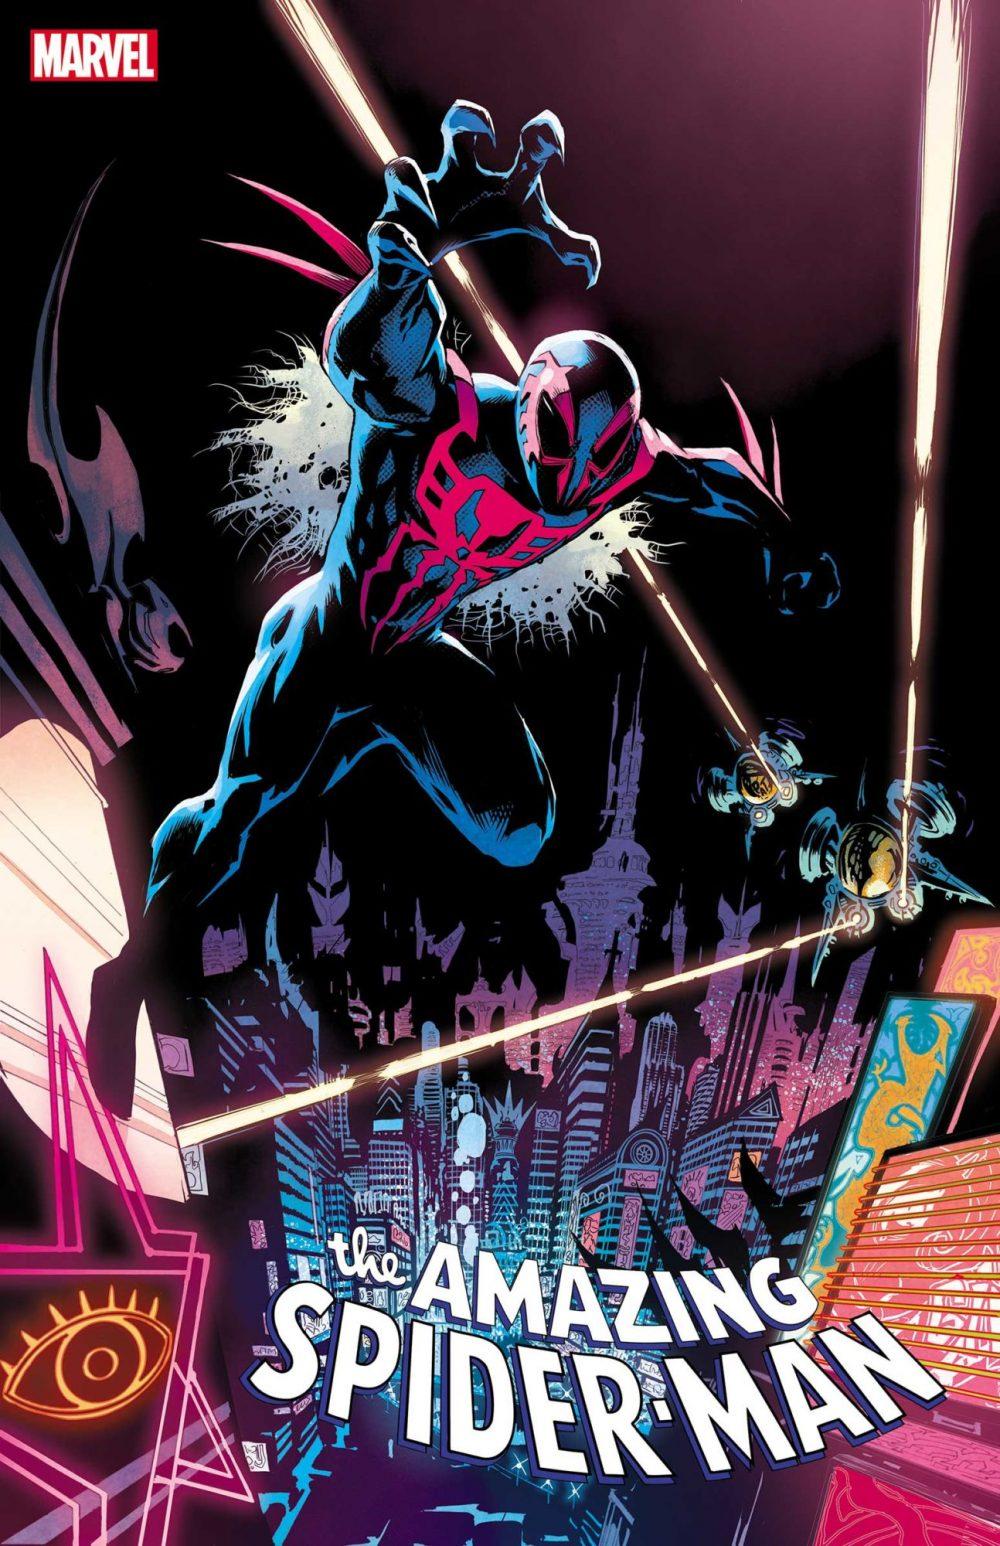 Amazing Spider-Man #33, copertina di Patrick Gleason